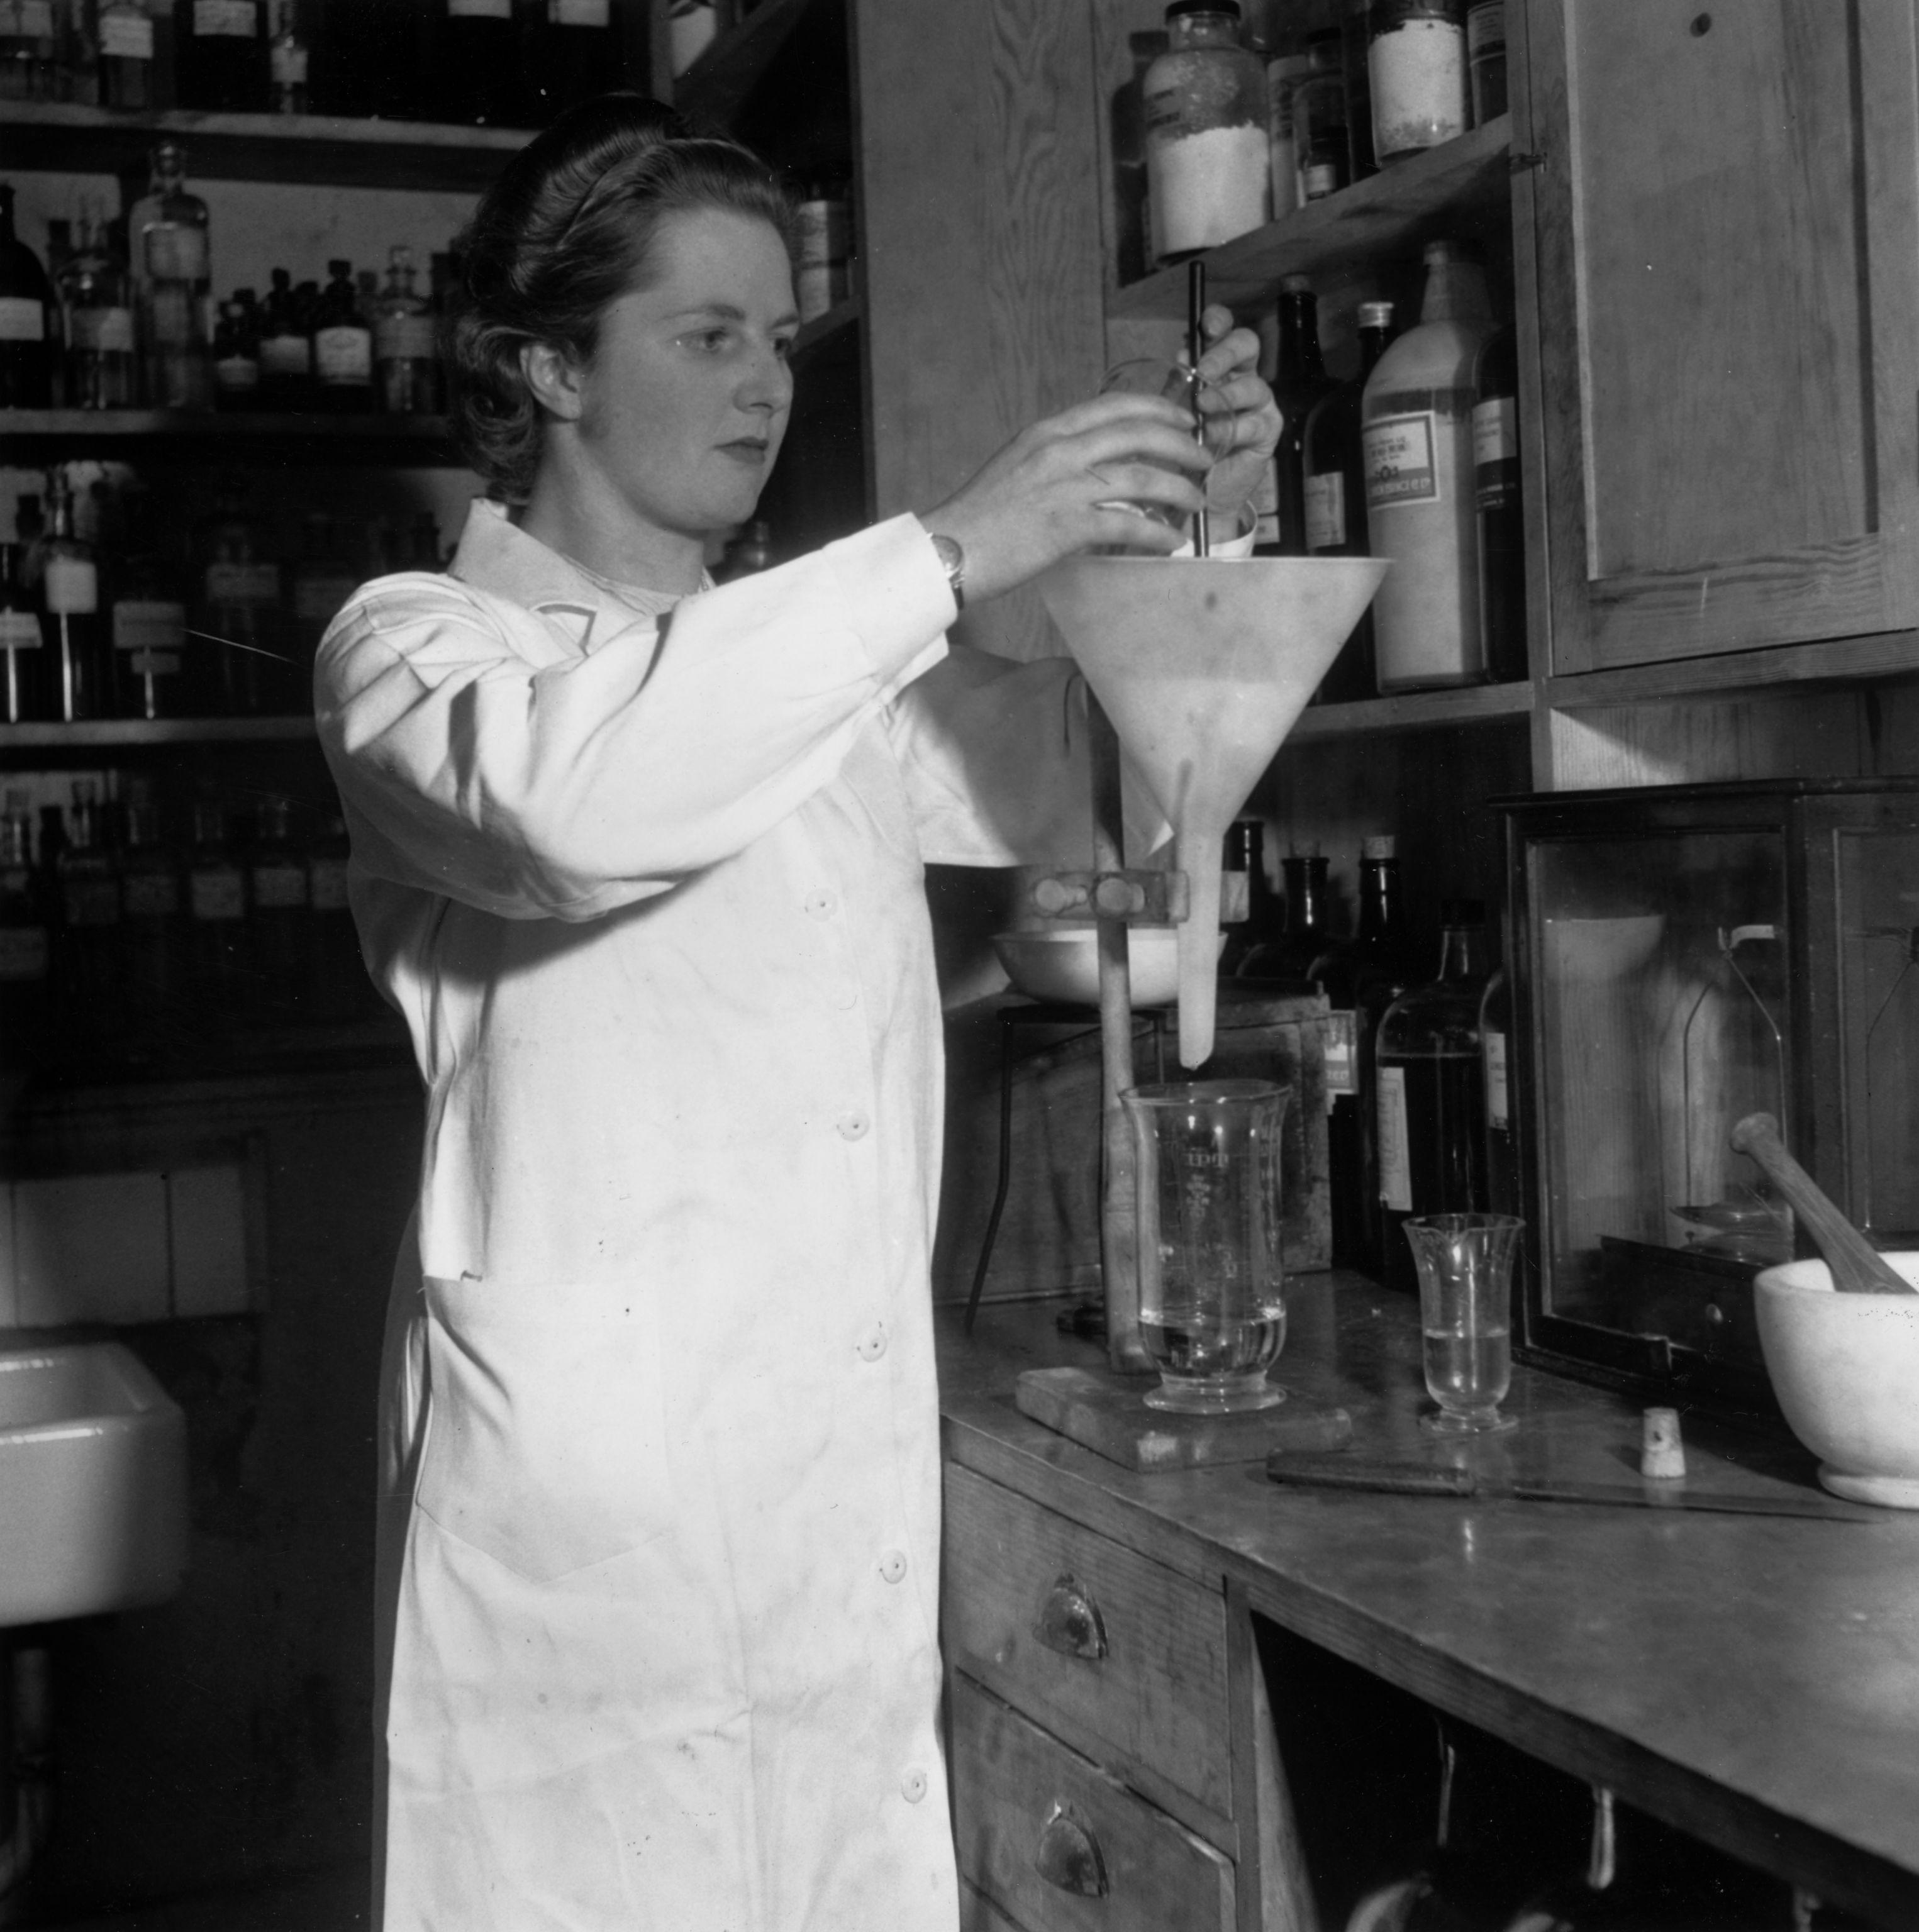 Margaret Thatcher en el año 1950. Crédito: web de blog.nature.com/naturejobs